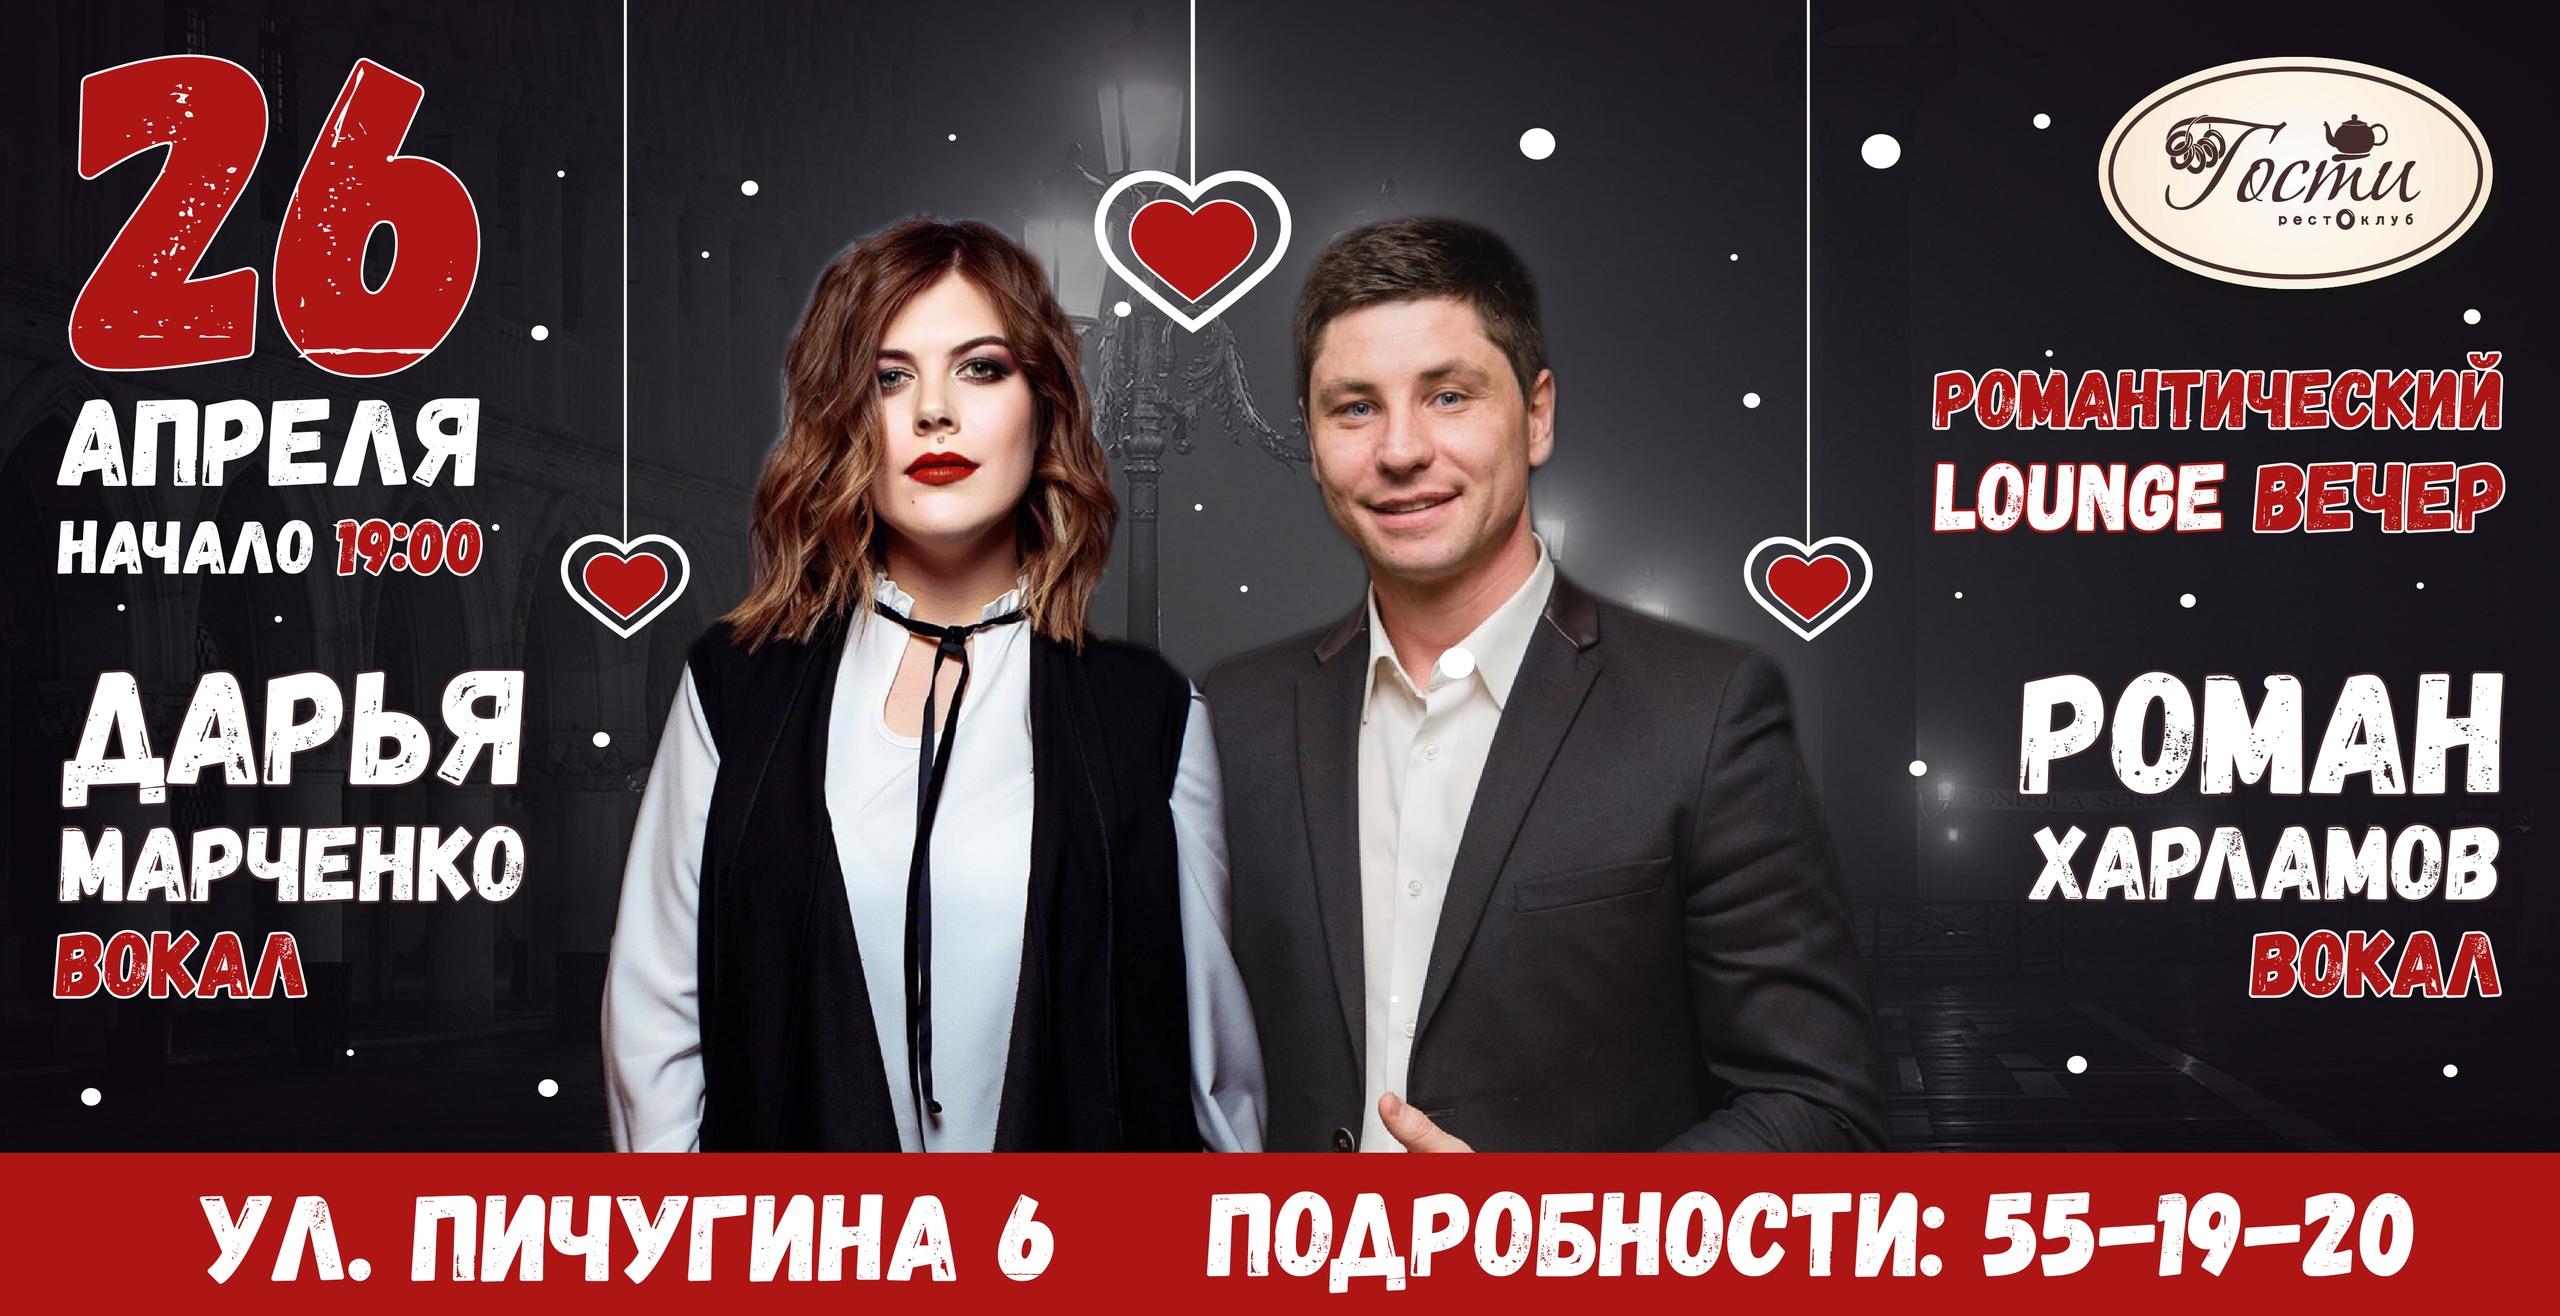 Романтический вечер в Рестоклубе «Гости» (18+)